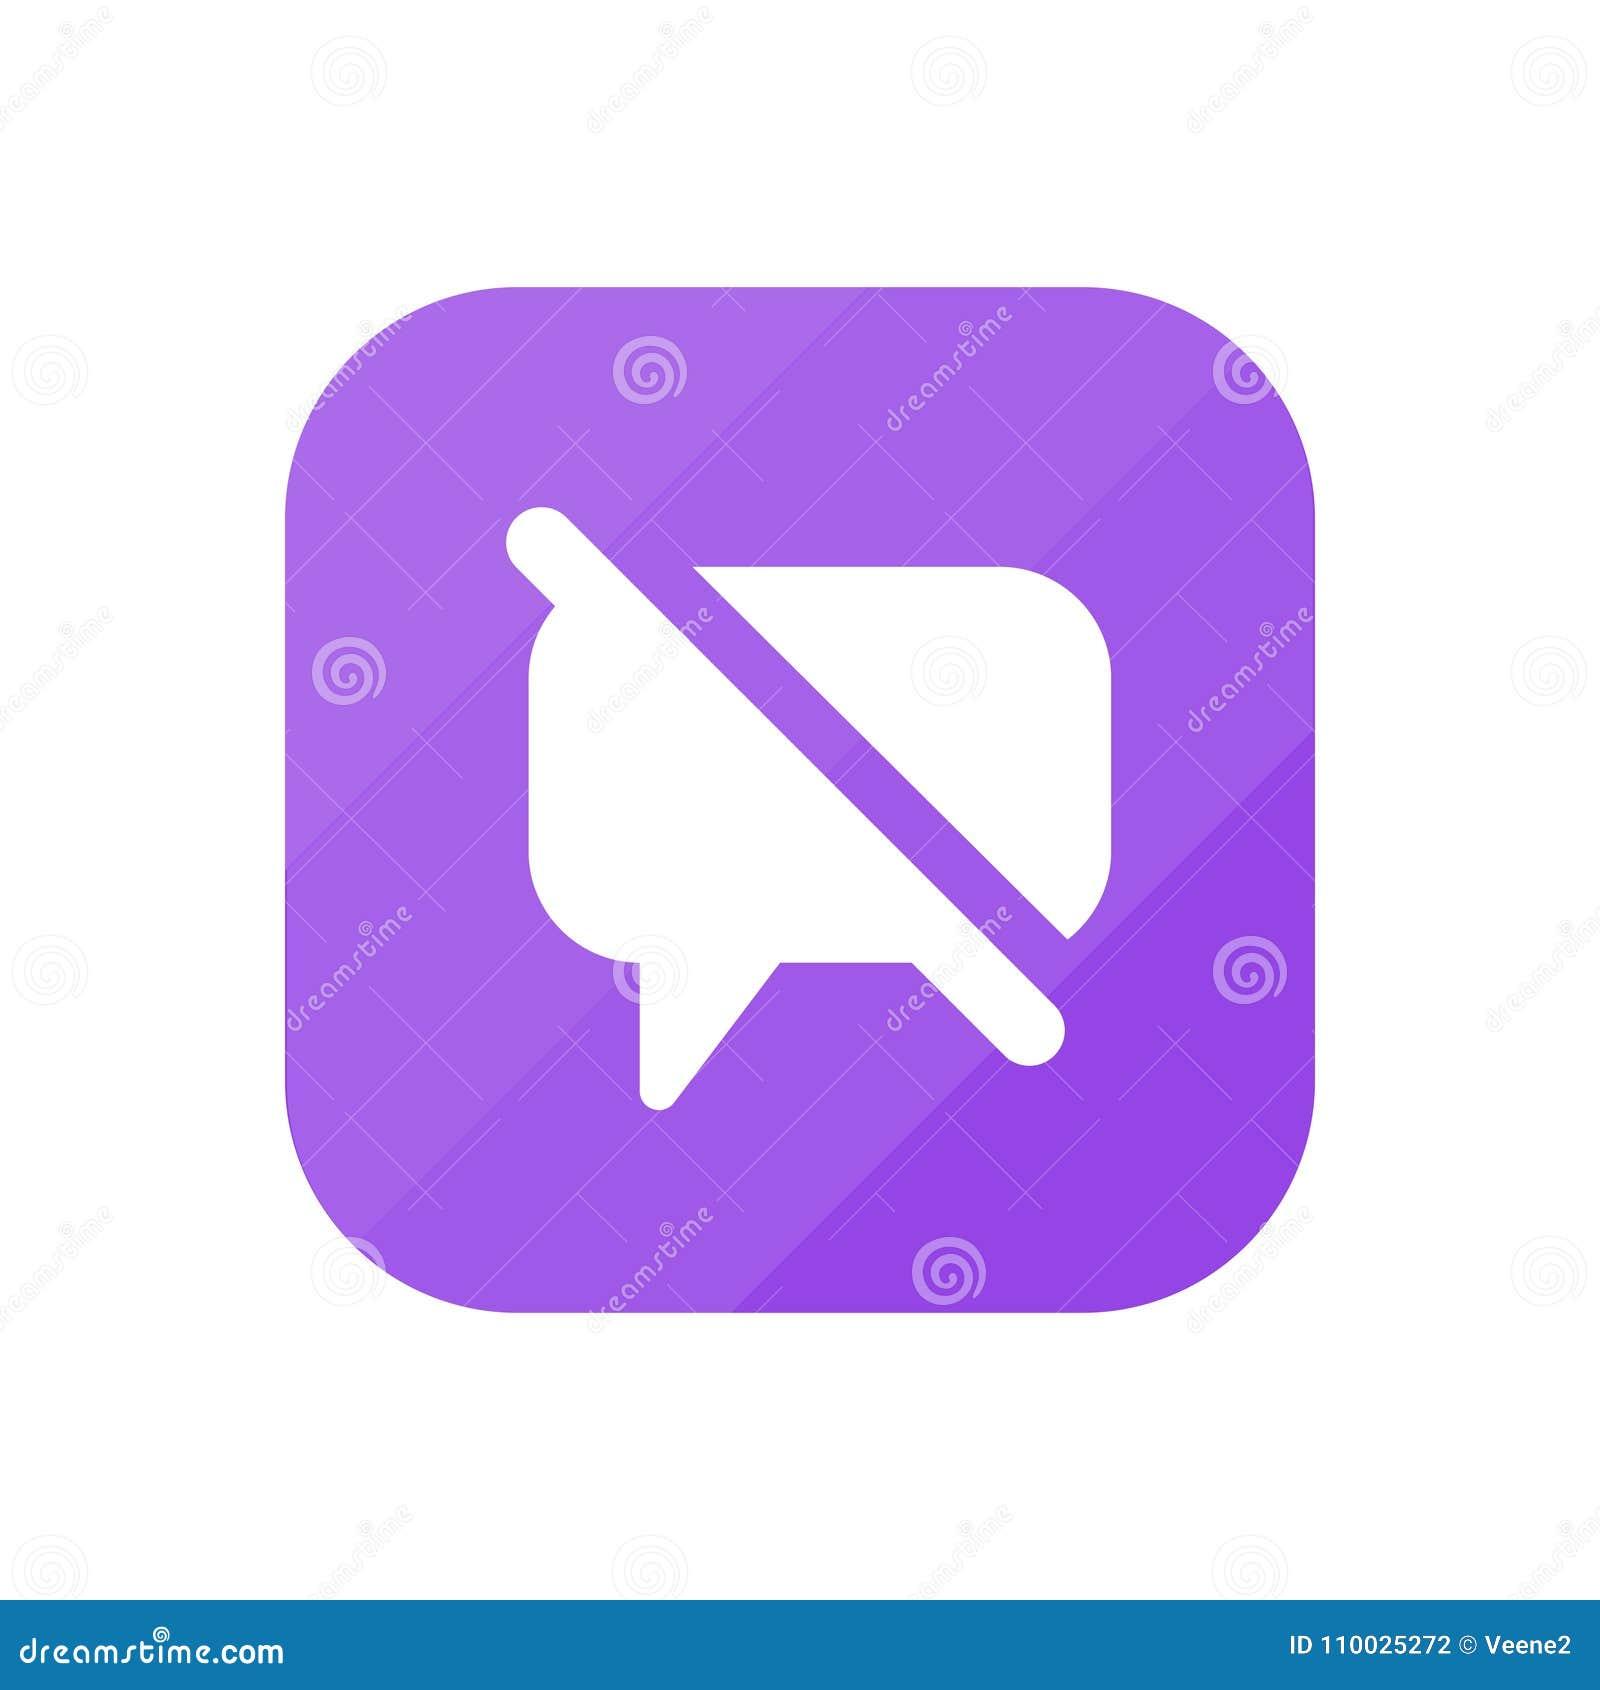 Maak Commentaar onbruikbaar - App Pictogram